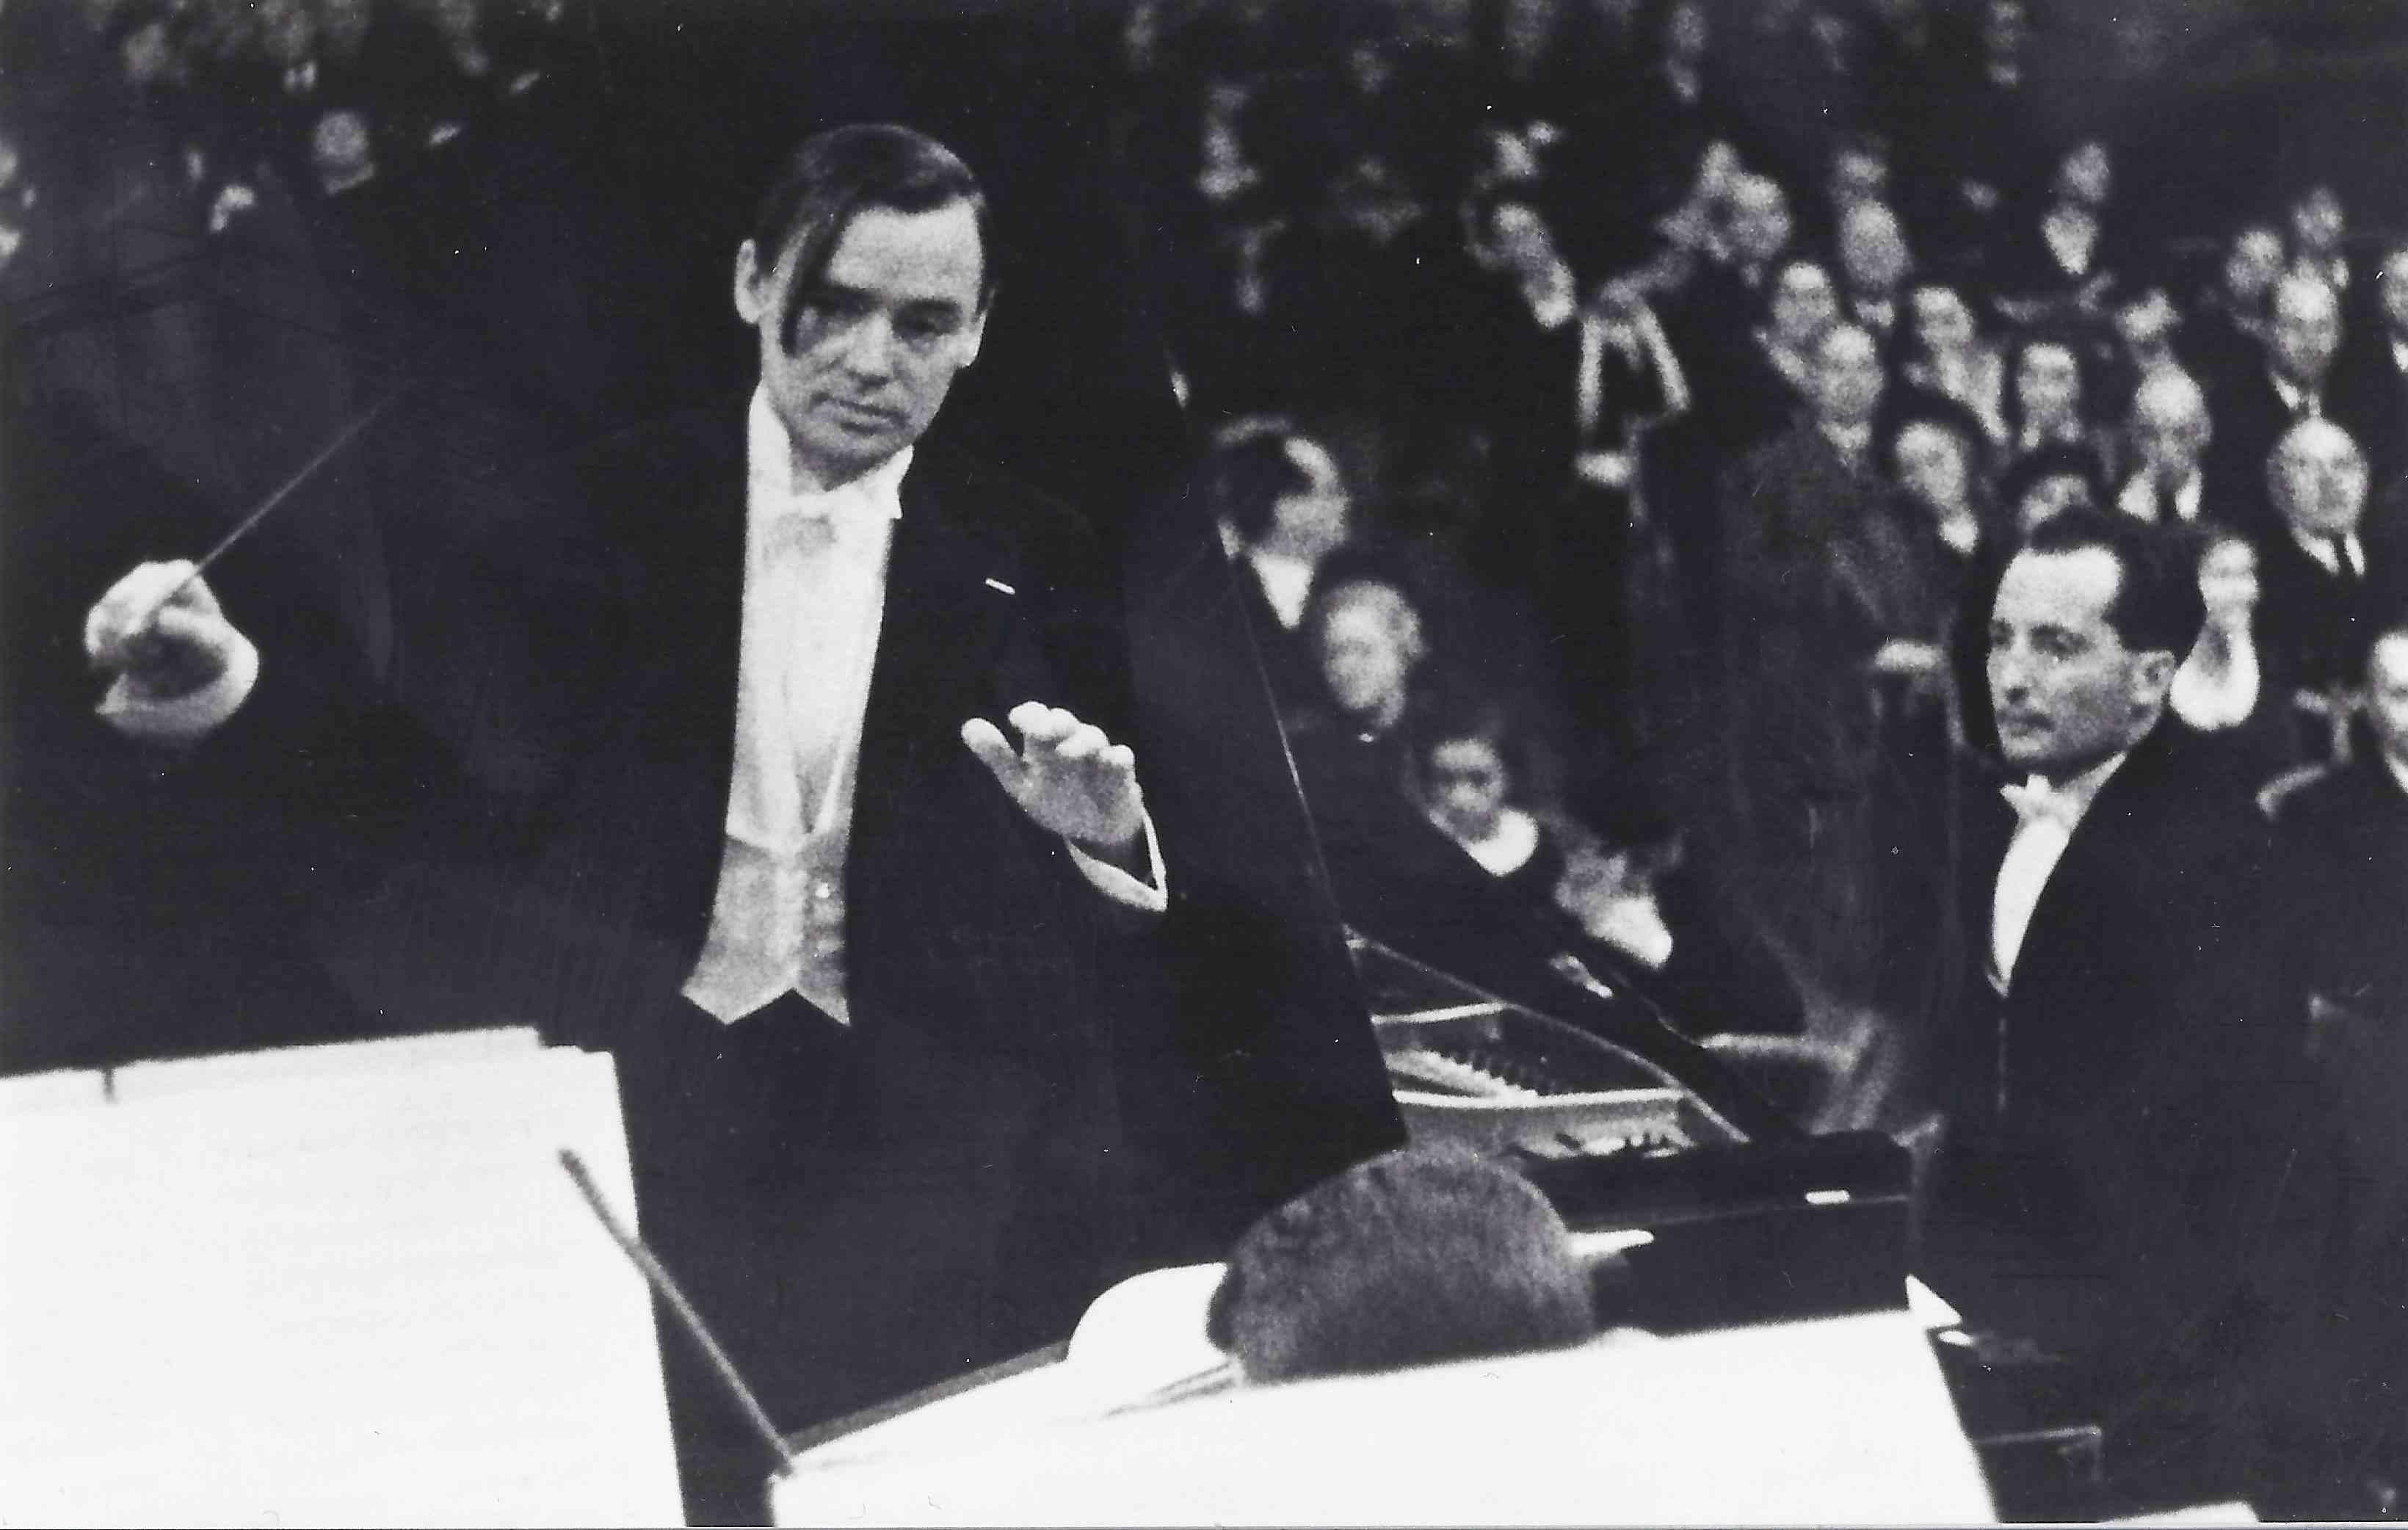 Konzert von Sprongl im großen Saal des Wiener Musikvereins